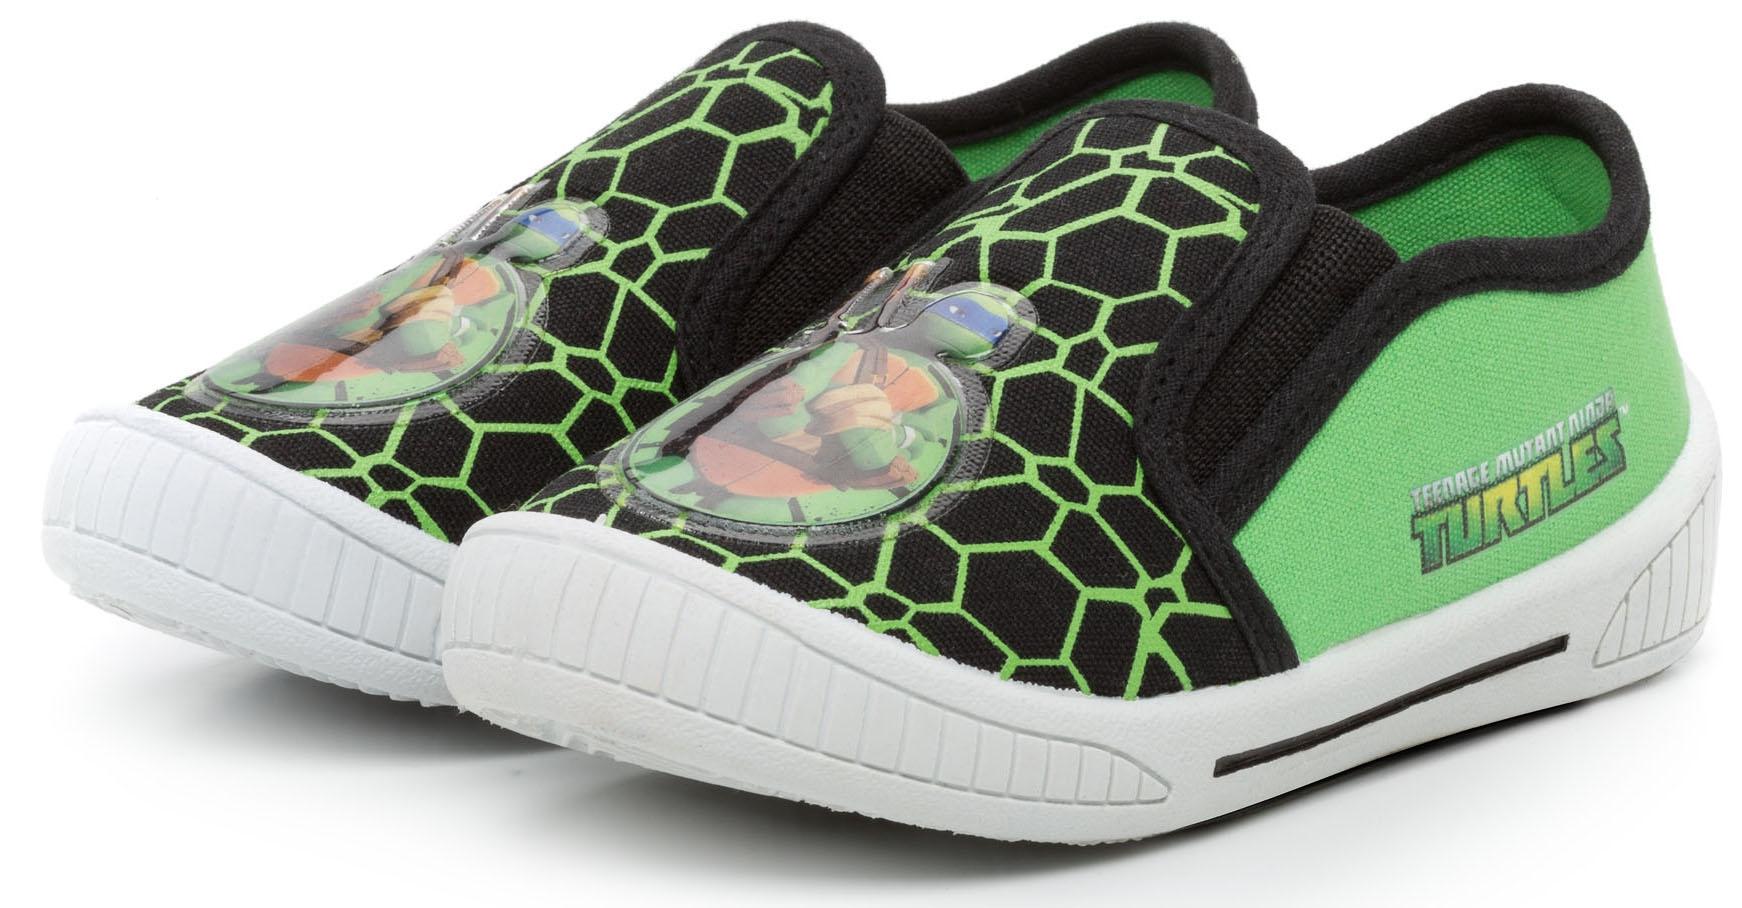 Кроссовки и кеды TM NINJA TURTLES Полуботинки типа кроссовых для мальчика Tm Ninja Turtles, черно-зеленые машины turtles машинка черепашки ниндзя 7 см шредер на шредеромобиле